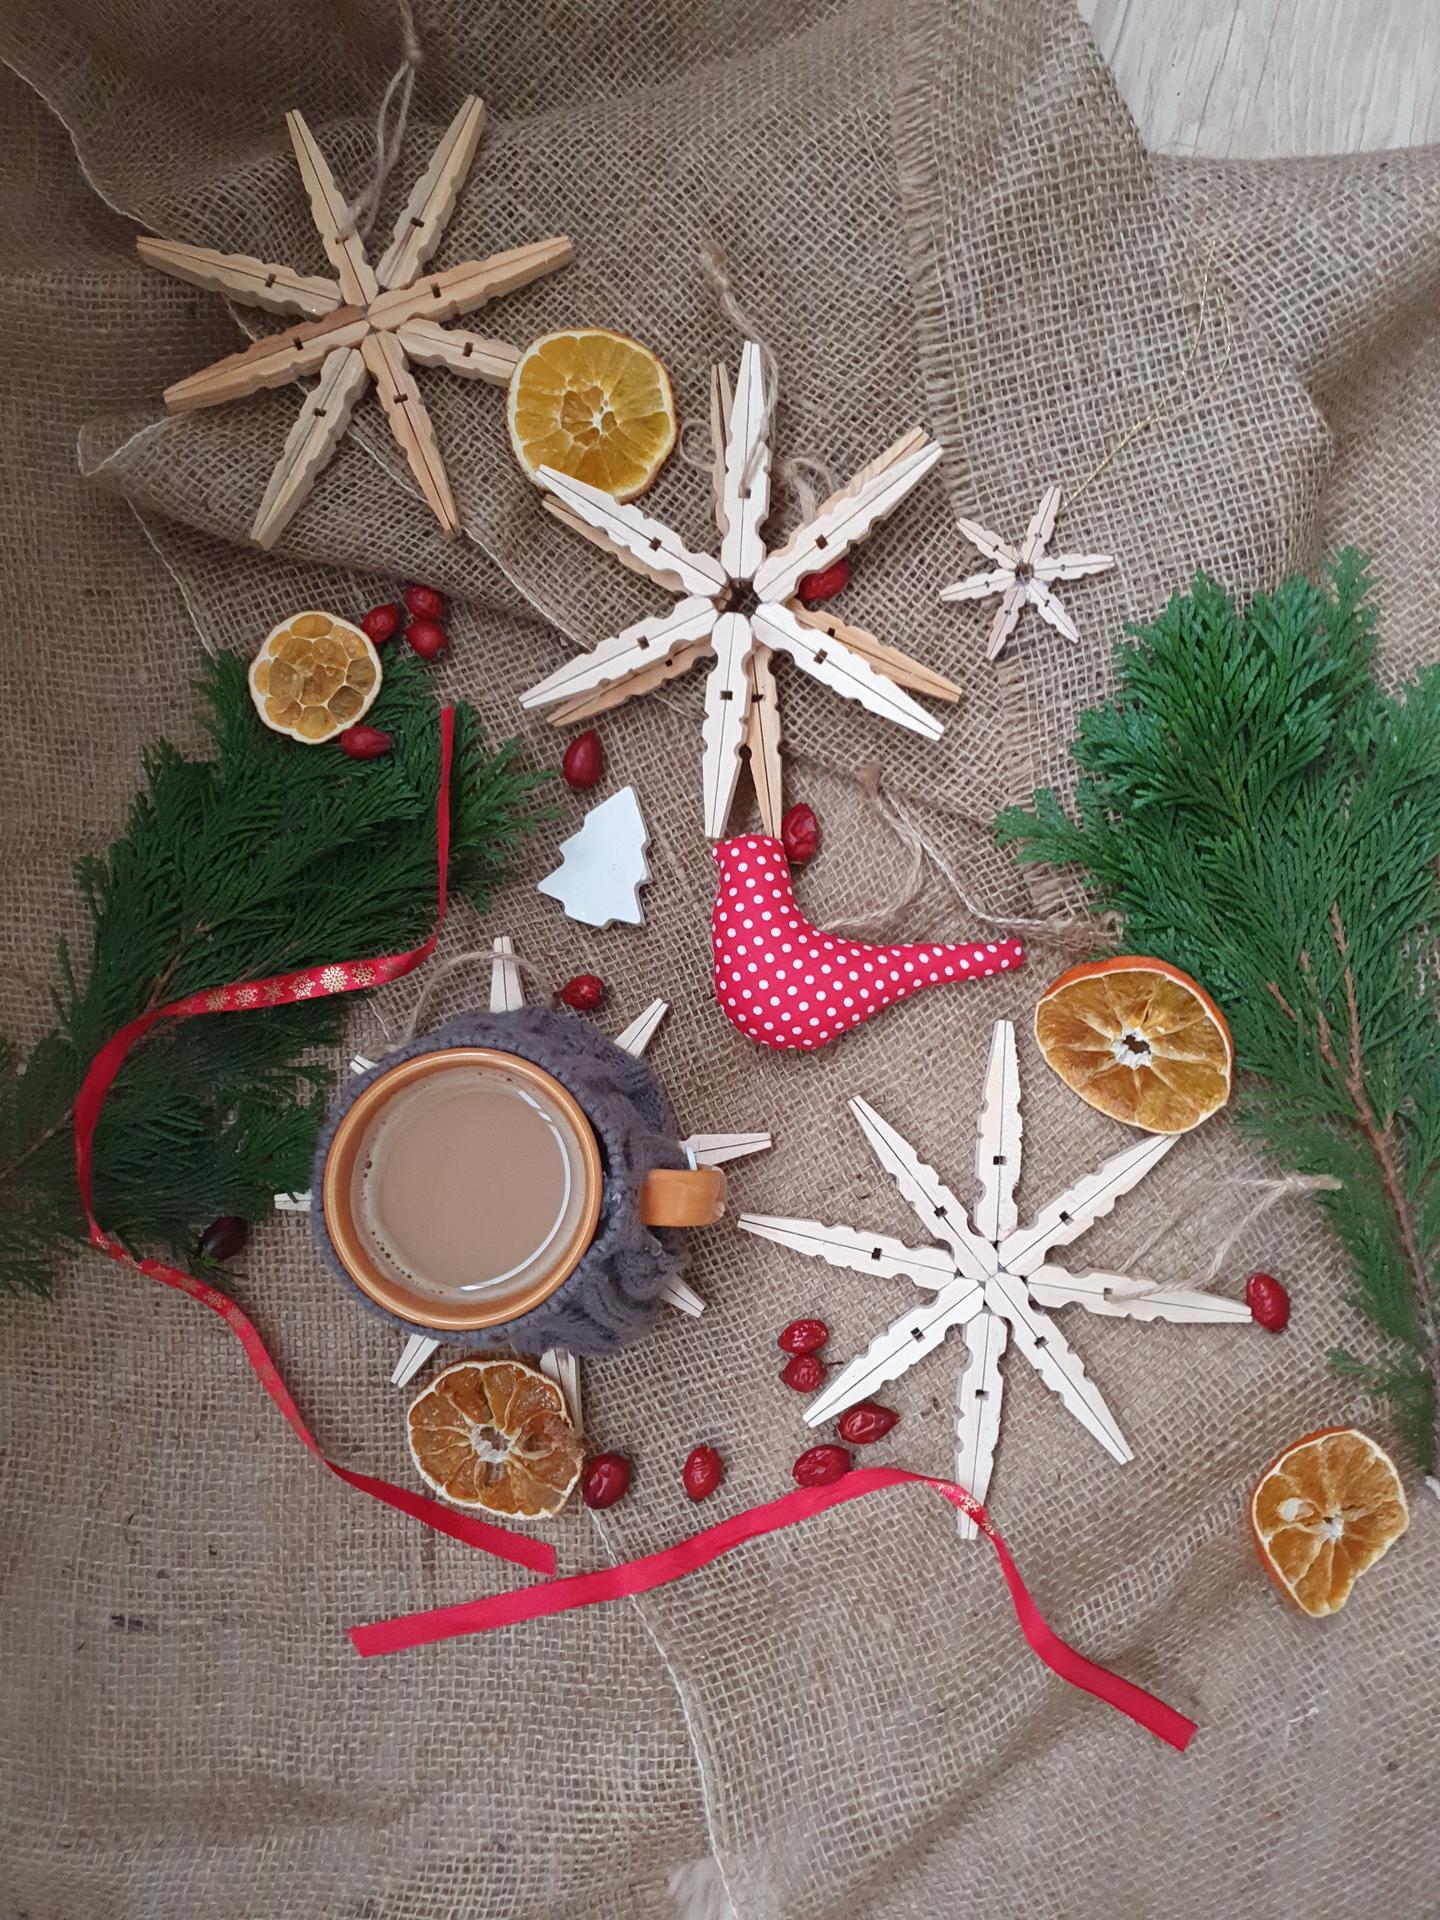 Vianočné dekorácie/Vianočná inšpirácia - Obrázok č. 6